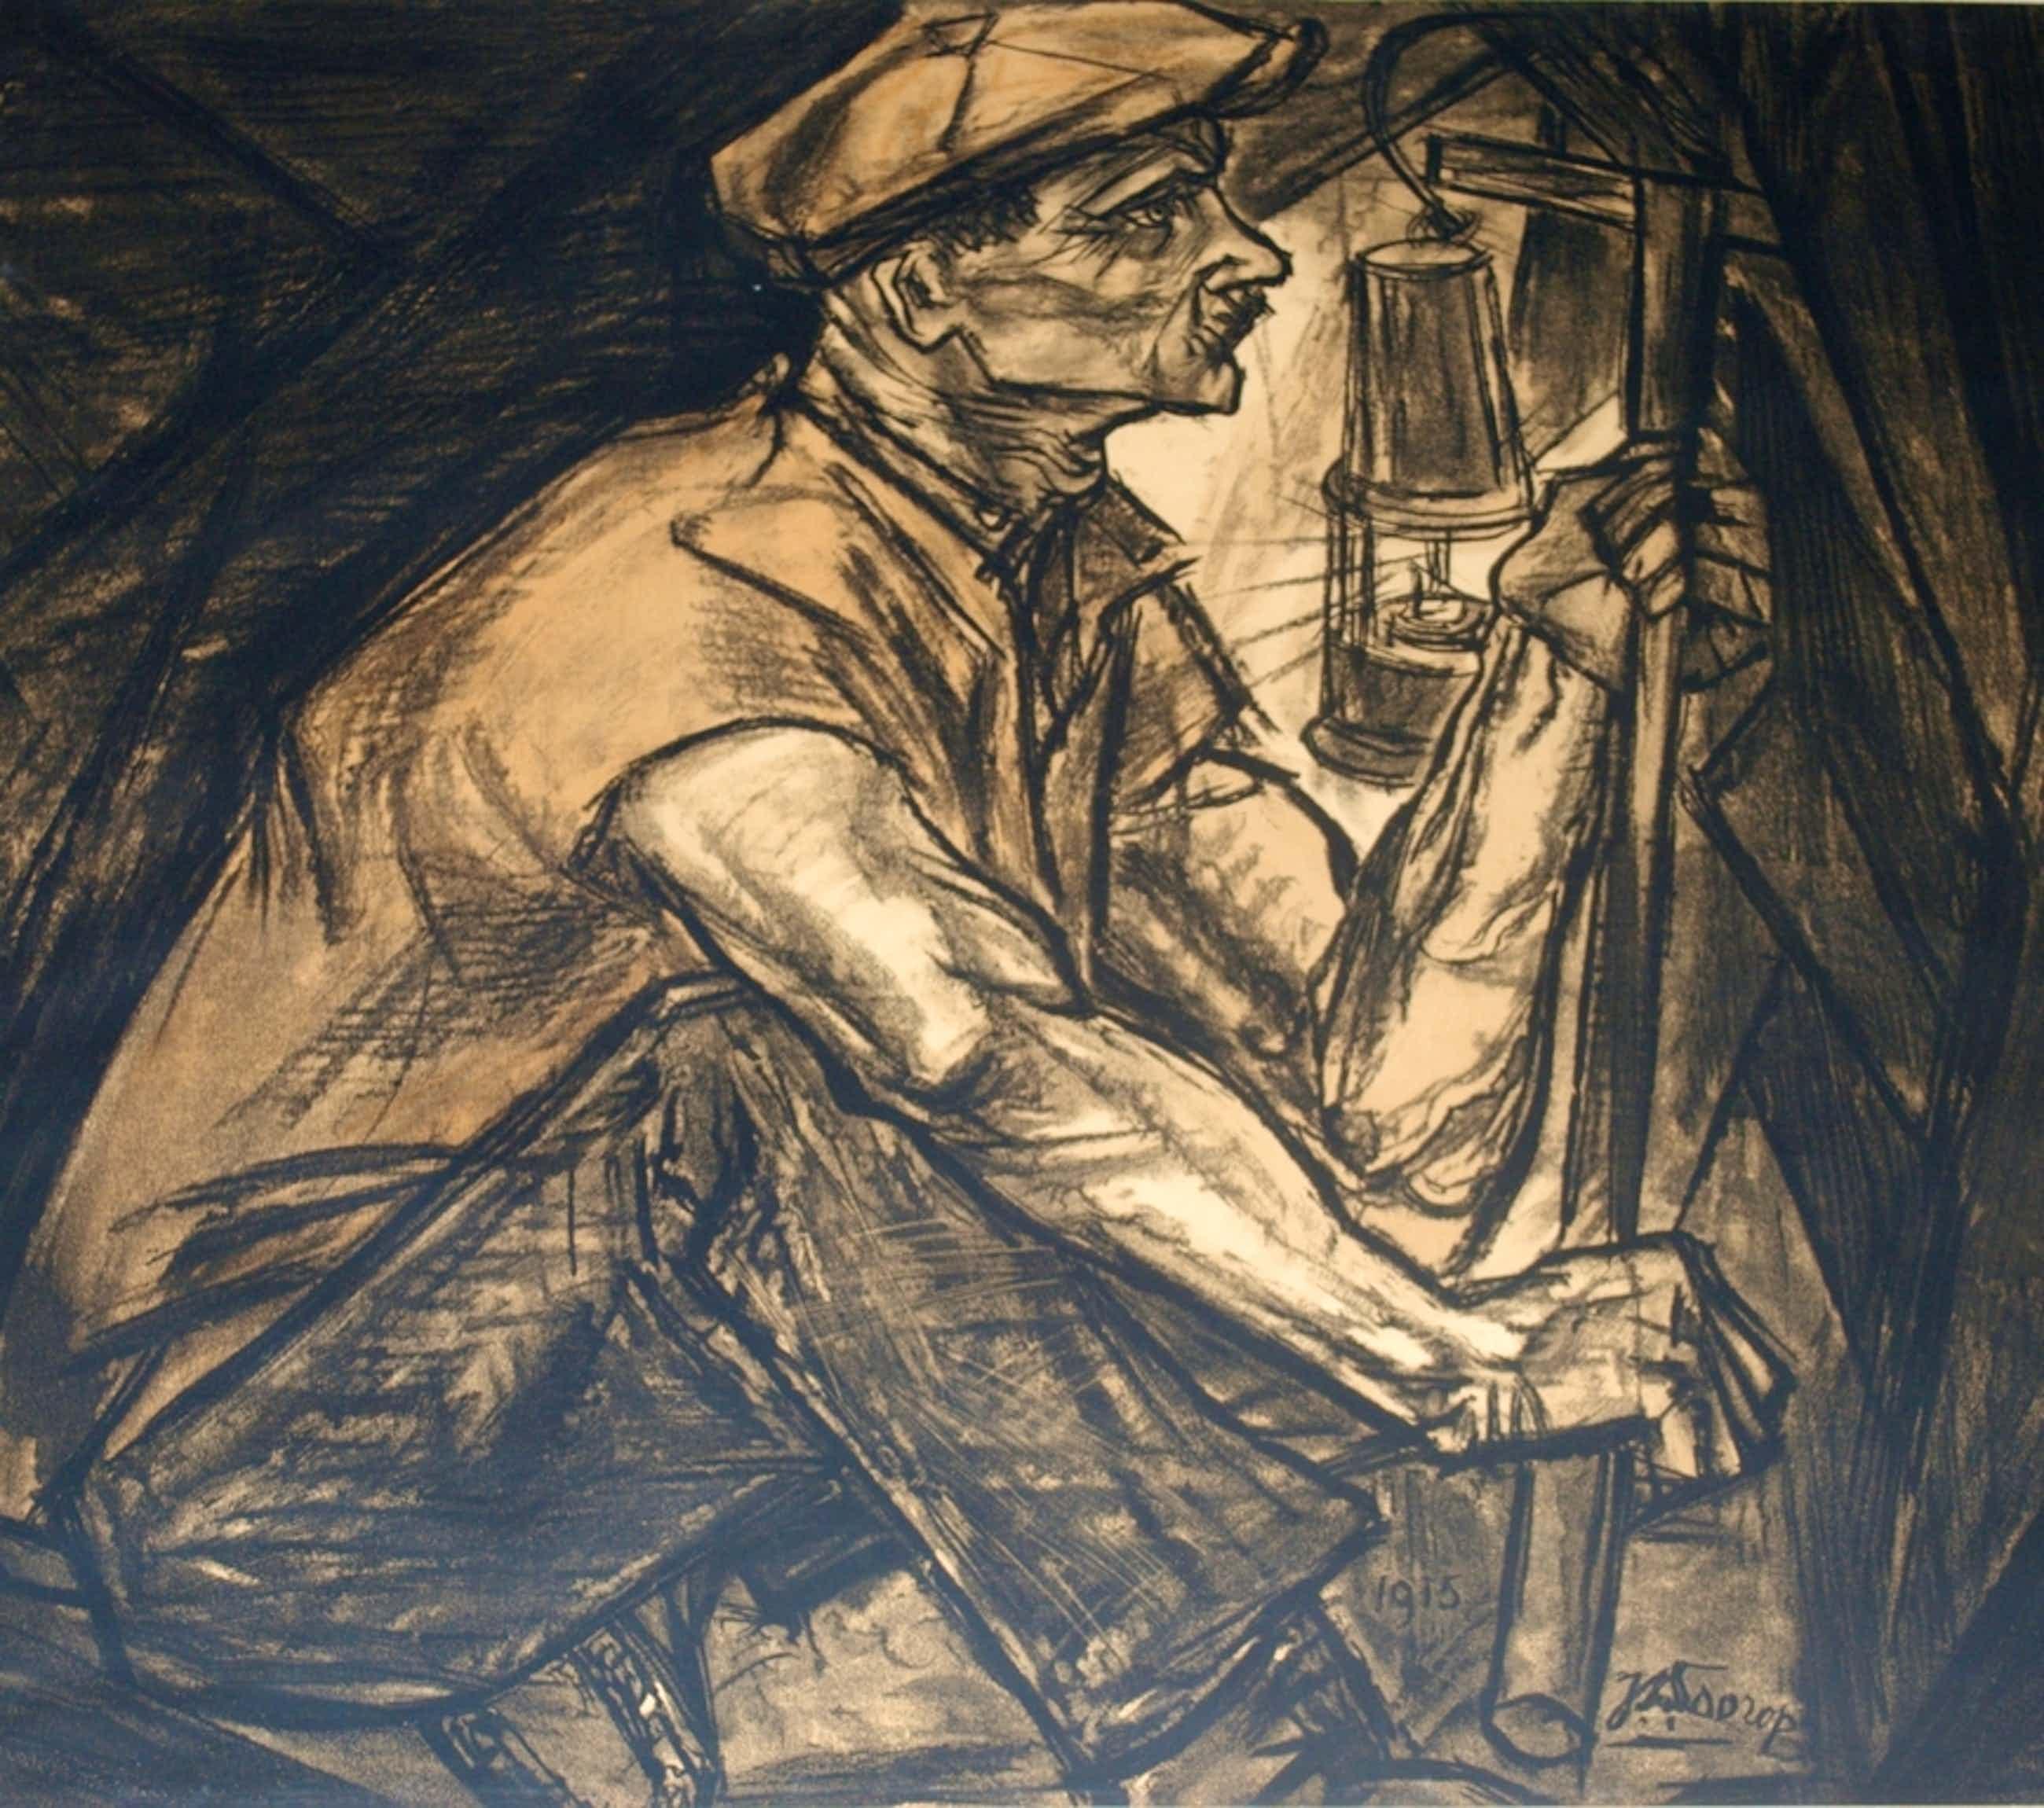 Litho in kleur van een mijnwerker- izgst - 1915 - groot: 63x70 cm kopen? Bied vanaf 115!